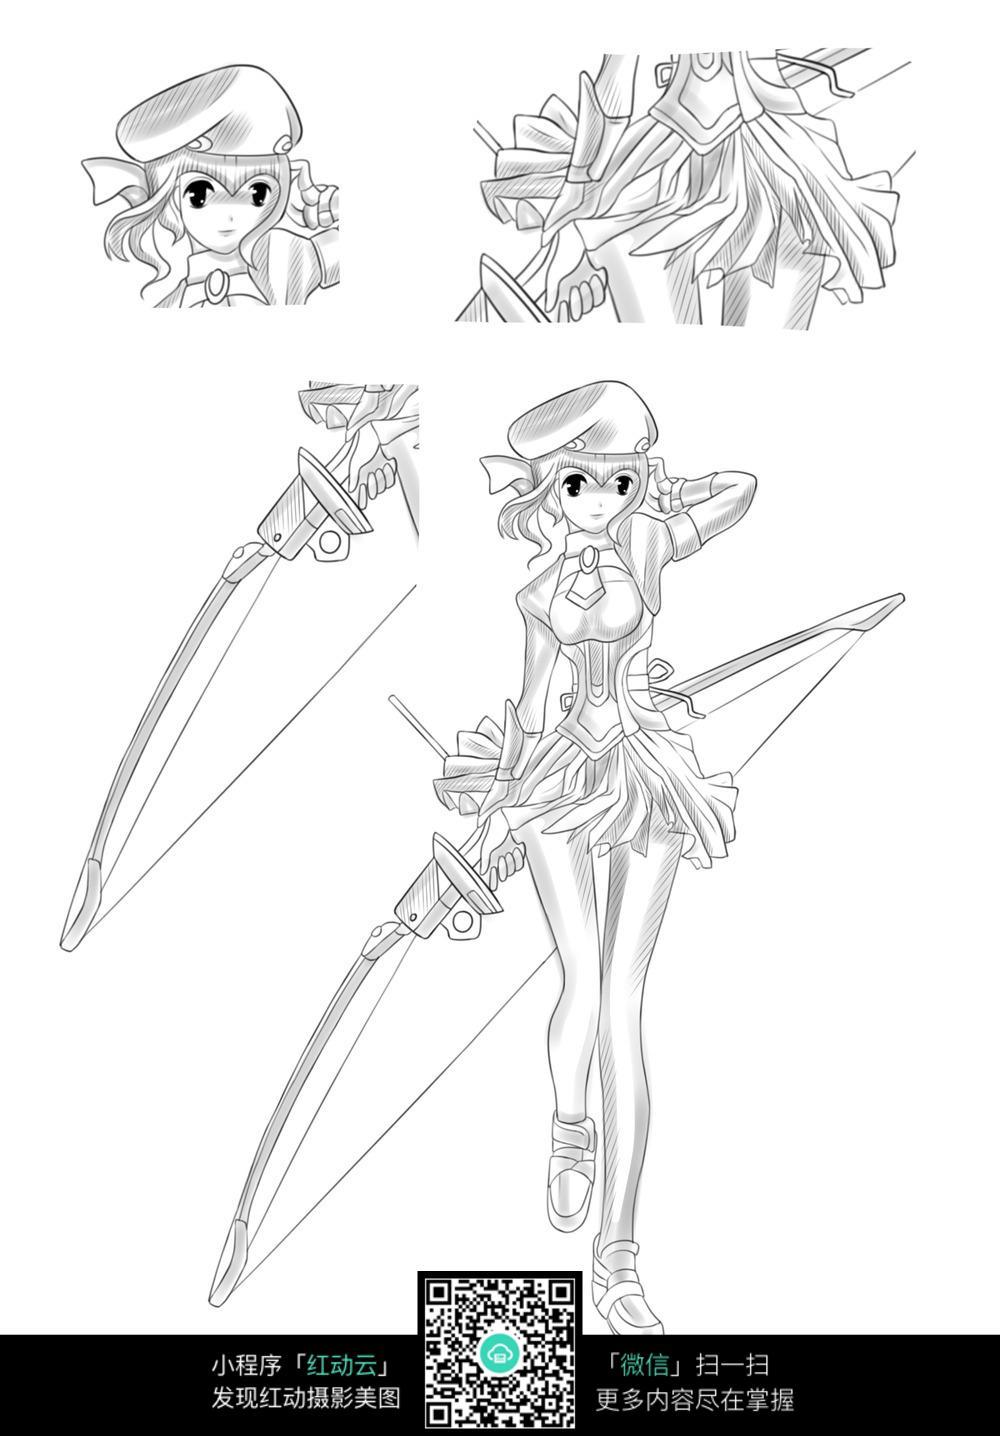 免费素材 图片素材 漫画插画 人物卡通 拿着弓箭的美少女